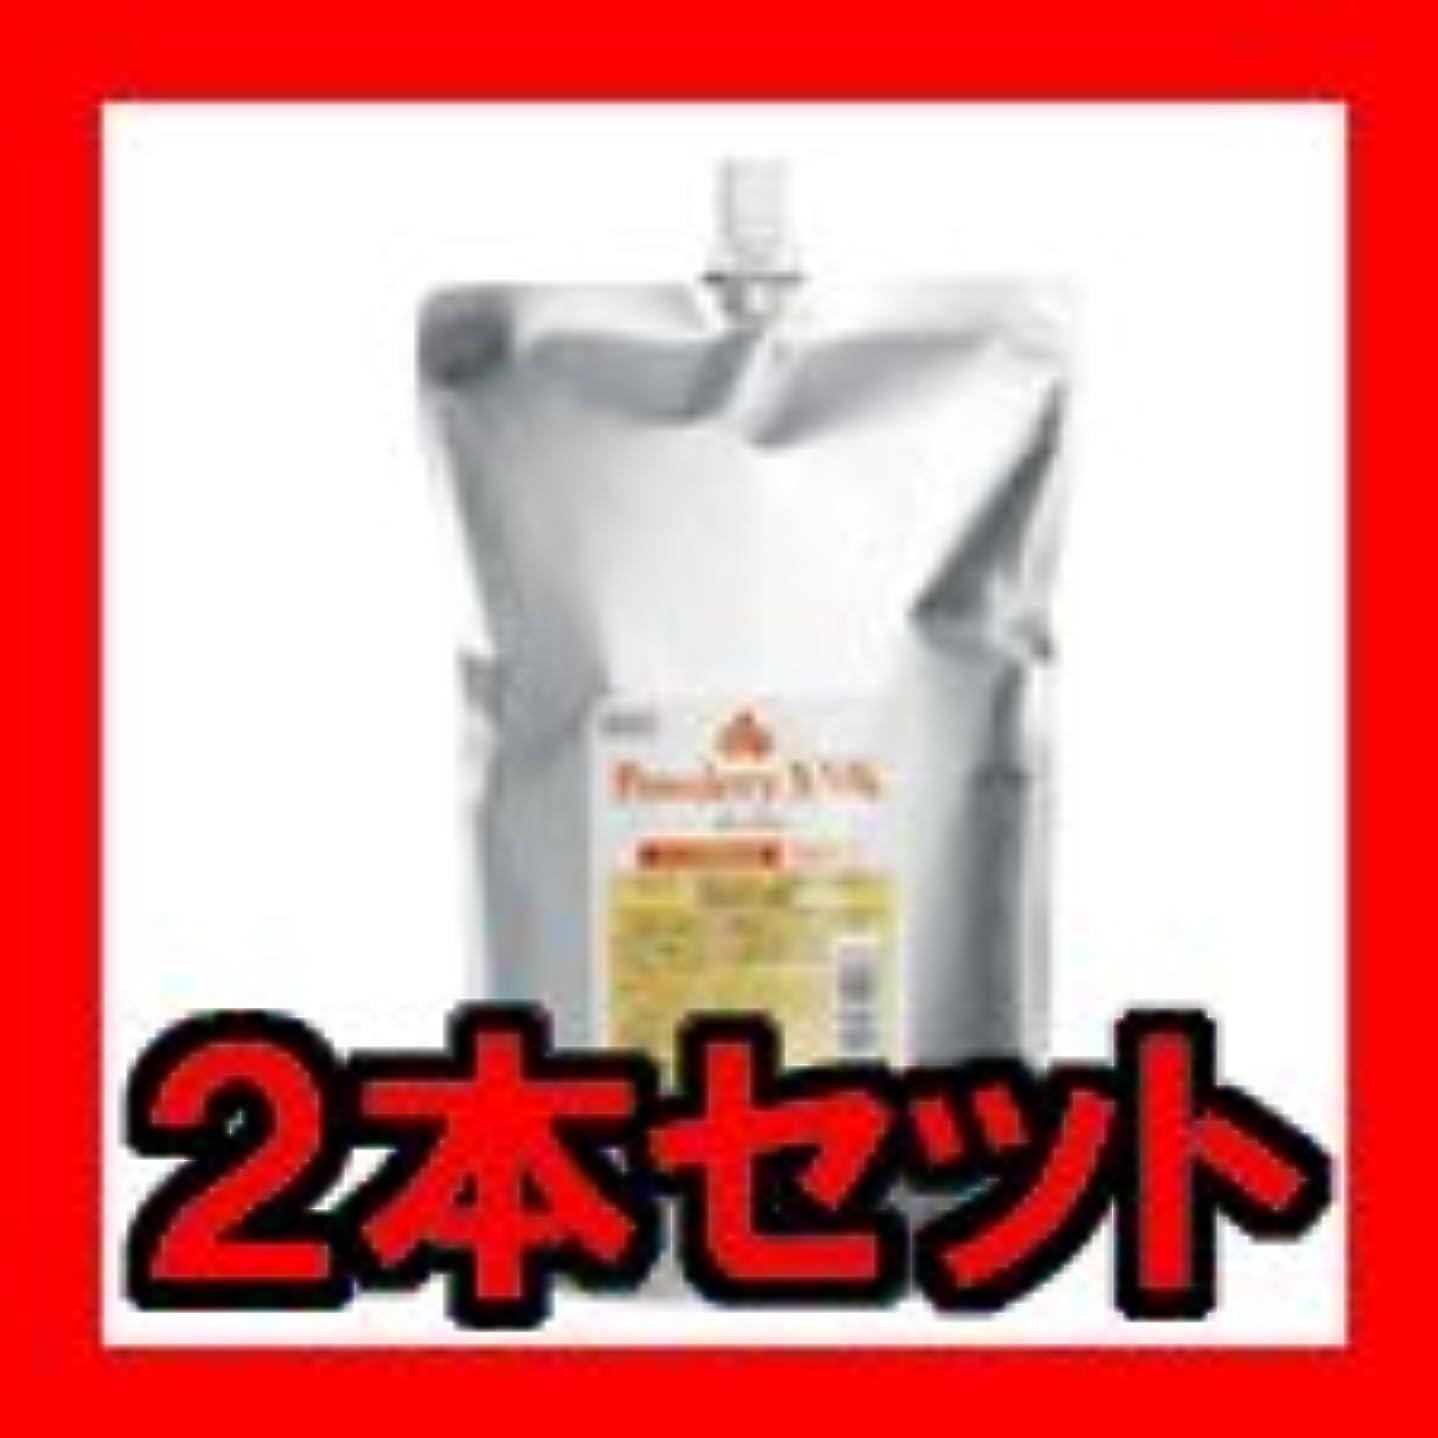 胃小包相対的クラシエ スキニッシュ パウダリーミルク 1000ml ×2本セット